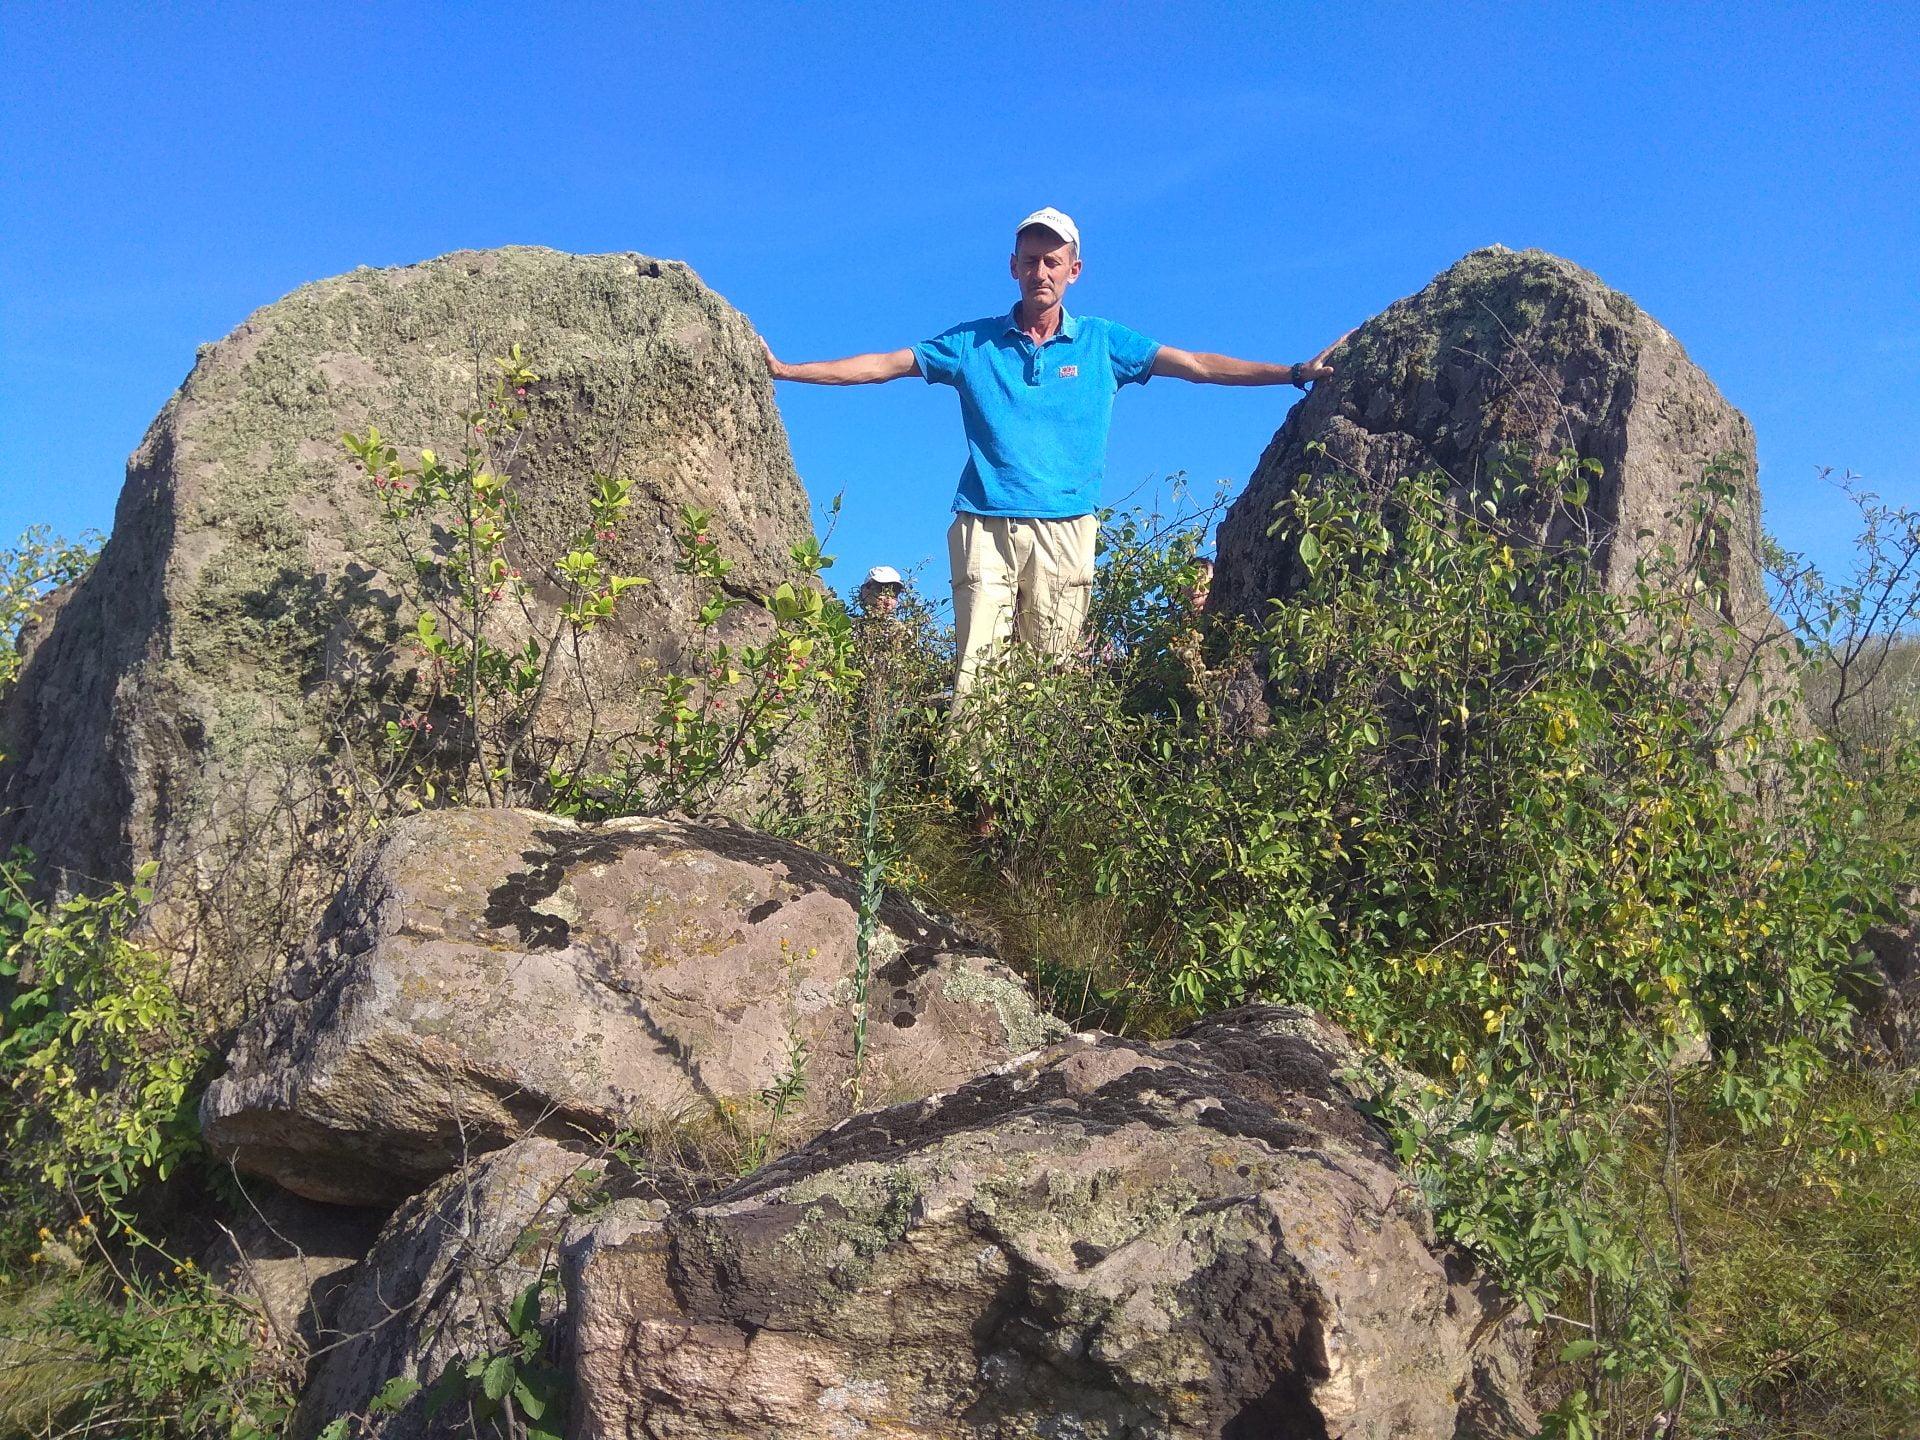 Сакральные камни - как общаться и взаимодействовать